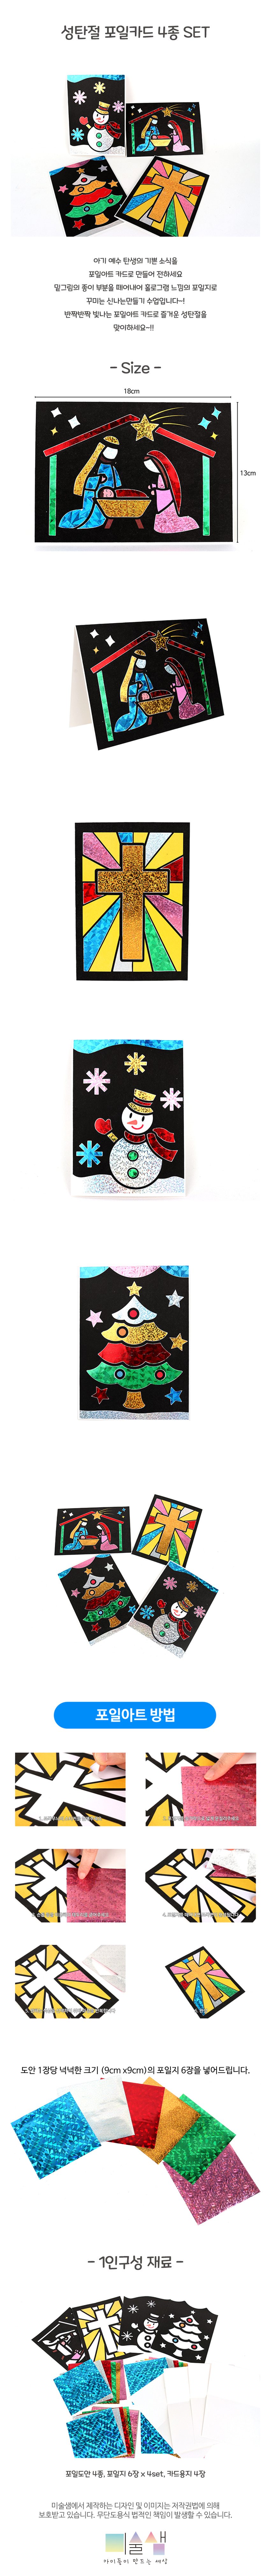 성탄절 포일아트카드 4종set_카드+봉투 - 미술샘, 5,200원, 종이공예/북아트, 카드 패키지